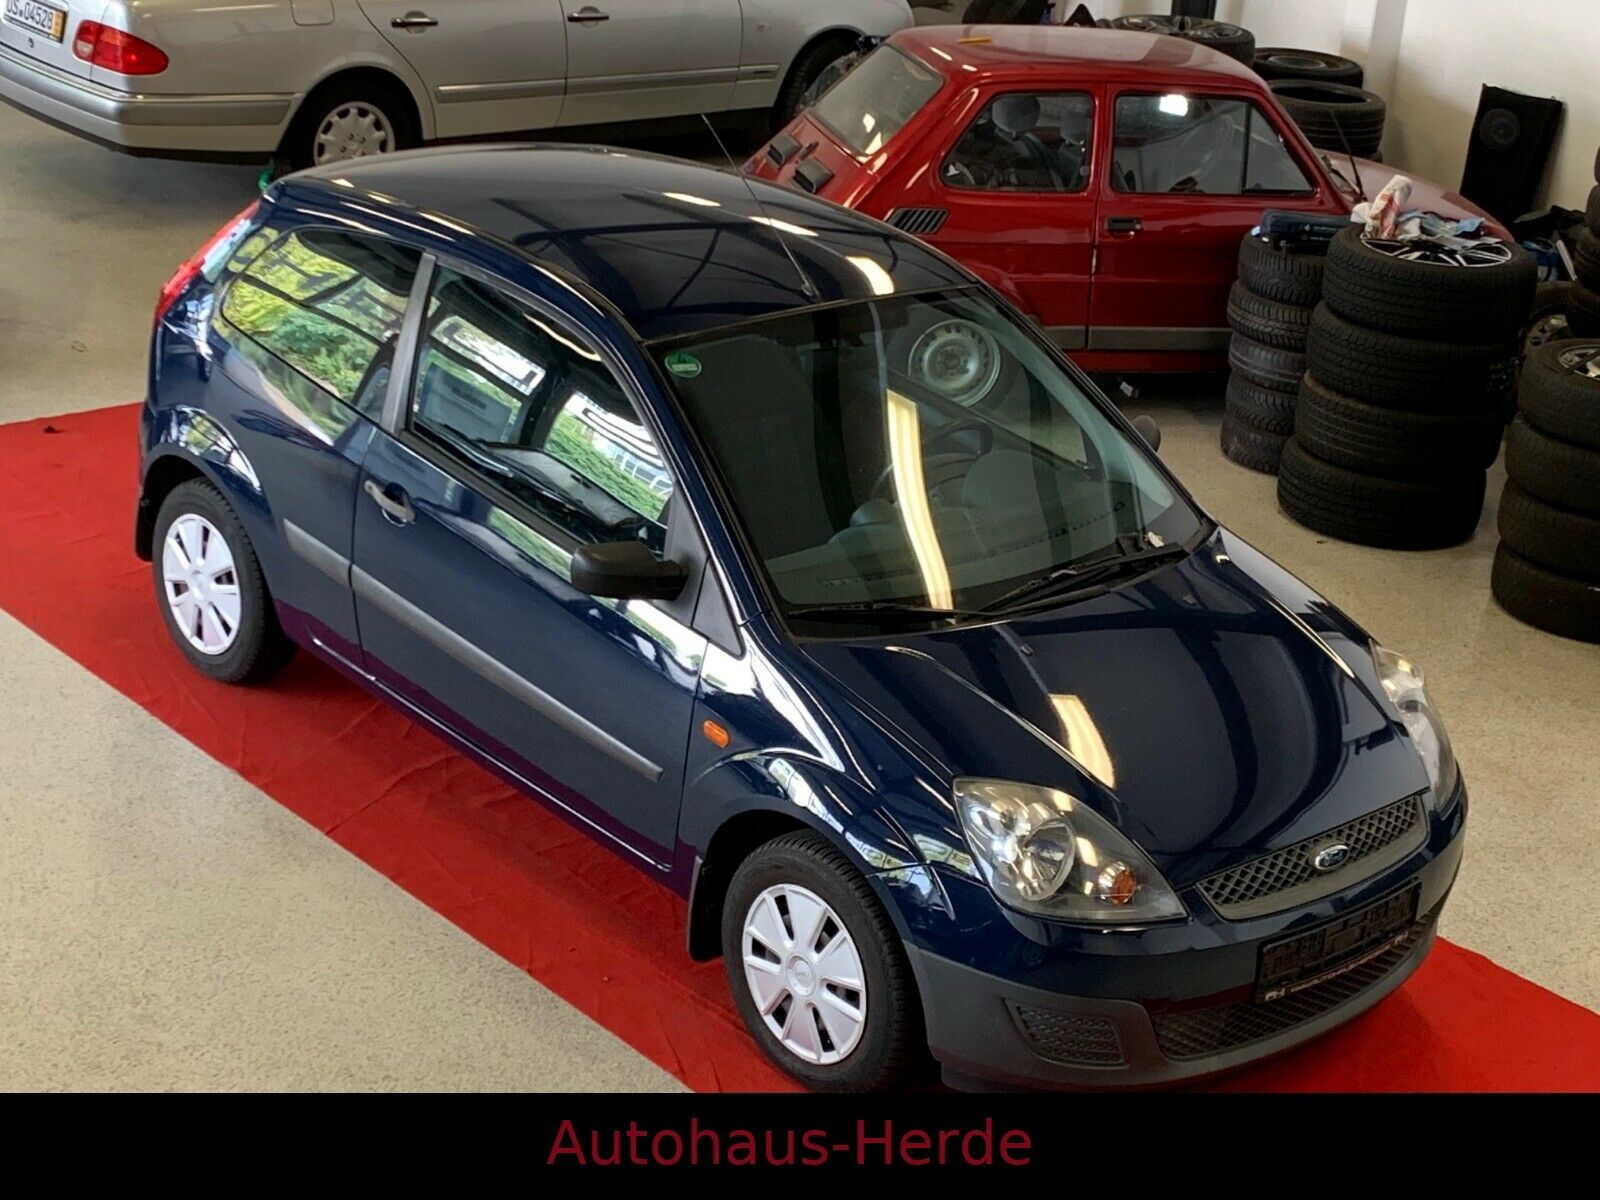 FORD Fiesta Basis -TÜV und AU neu -Garantie